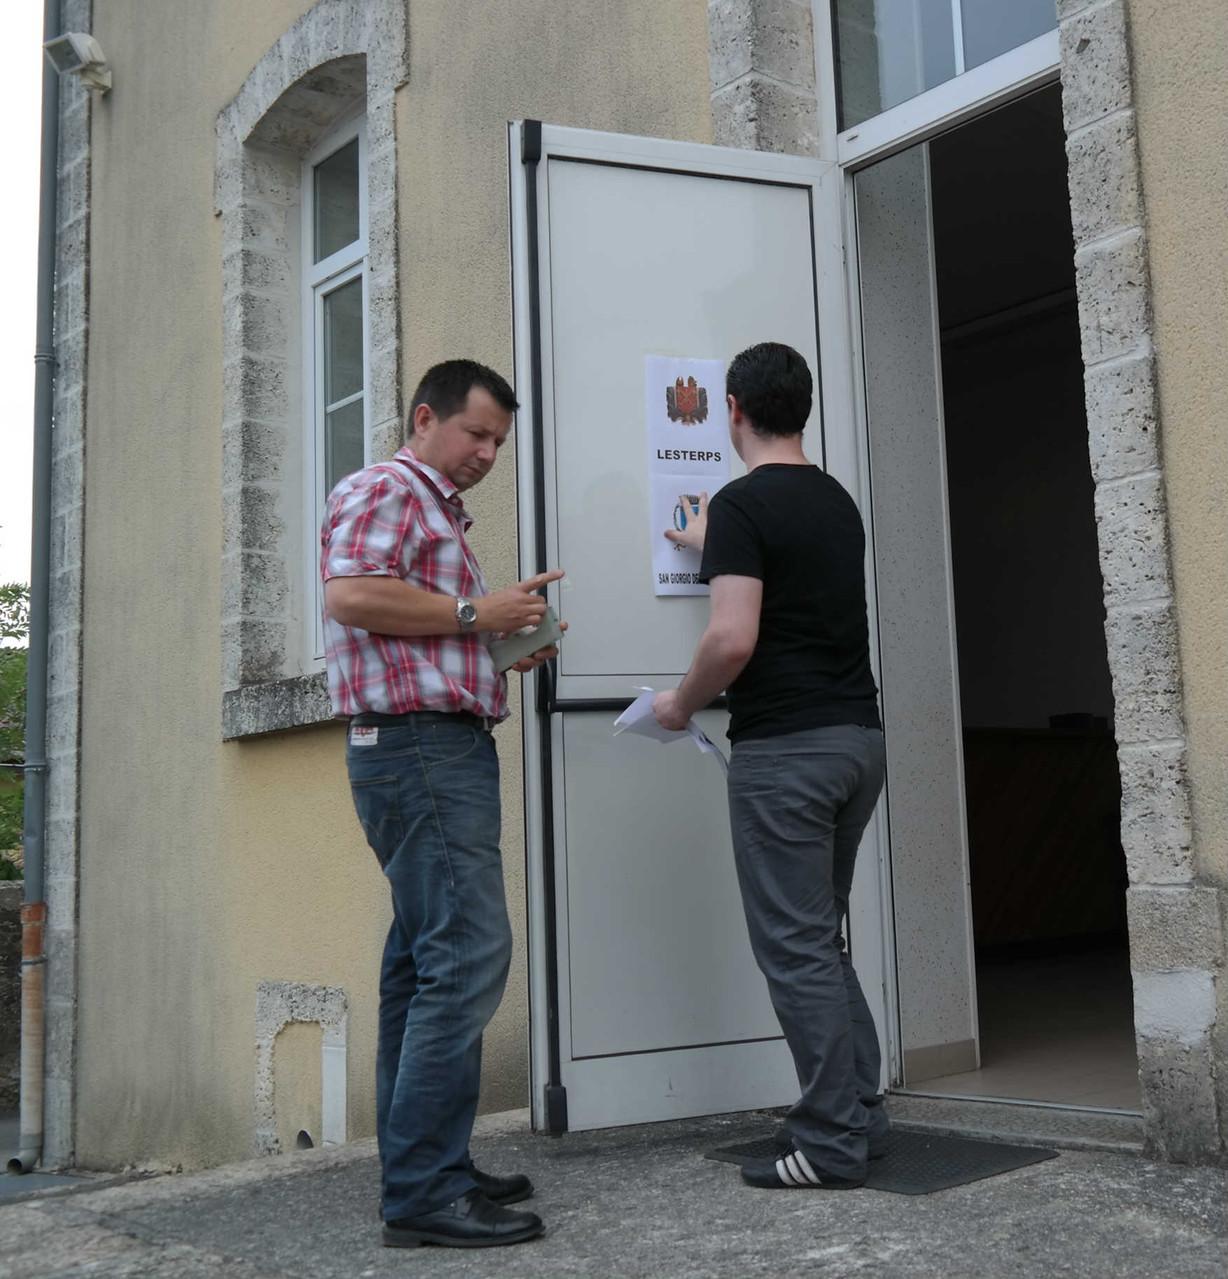 Tutta LESTERPS (Francia) era tappezzata dagli stendardi dei tre Comuni per la bellissima presentazione del Documentario.